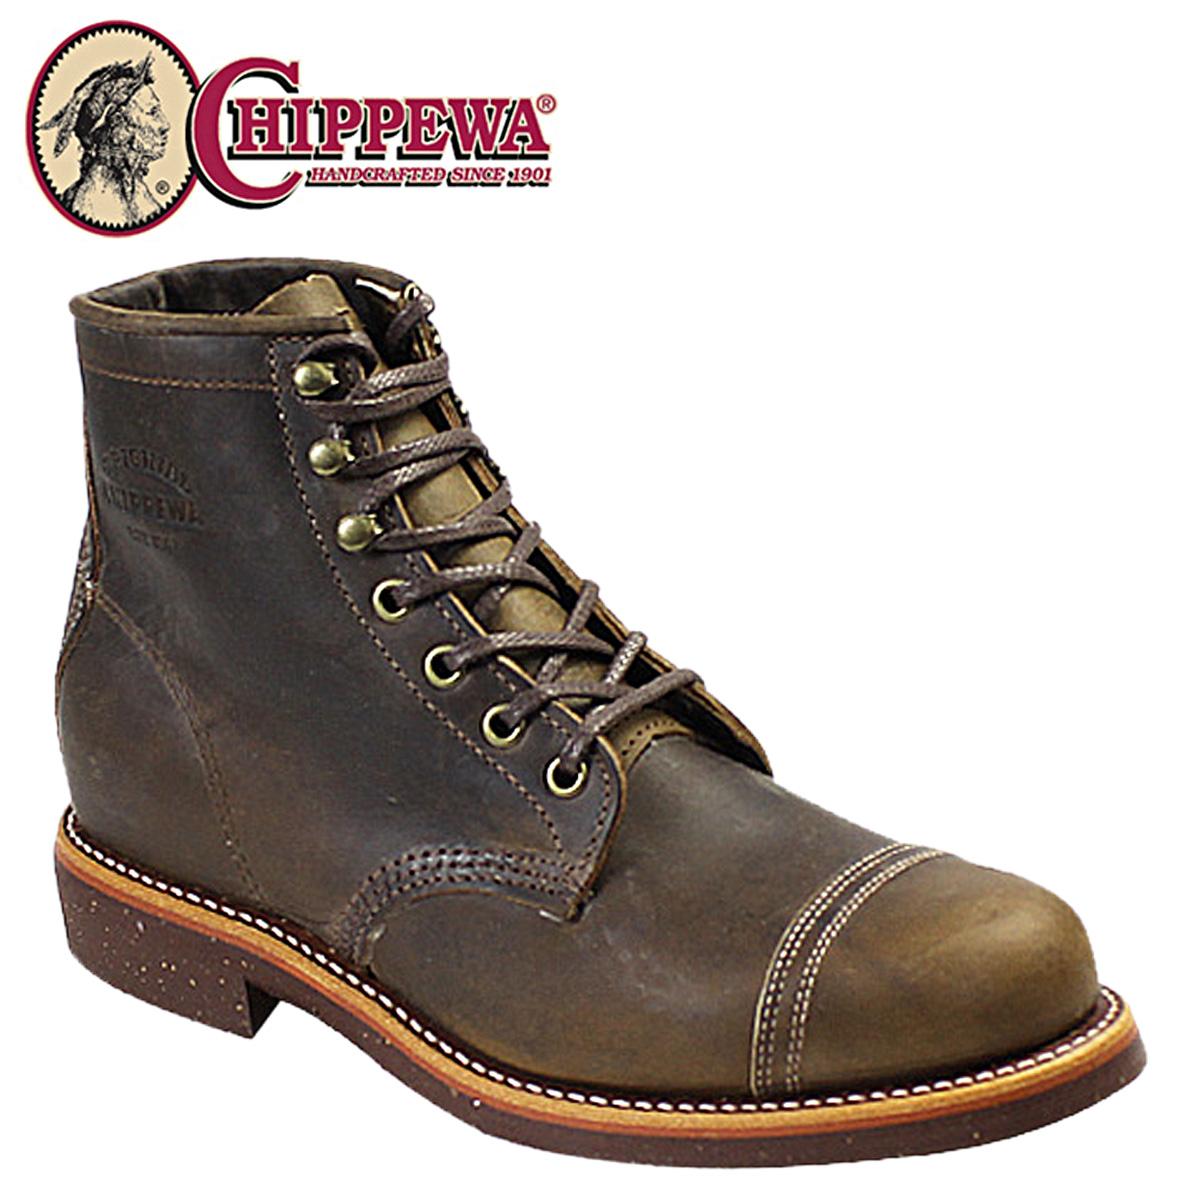 CHIPPEWA チペワ 6インチ ホームステッド ブーツ クレイジー ホース 1901M33 6INCH HOMESTEAD BOOT Dワイズ レザー メンズ [3/30 再入荷]